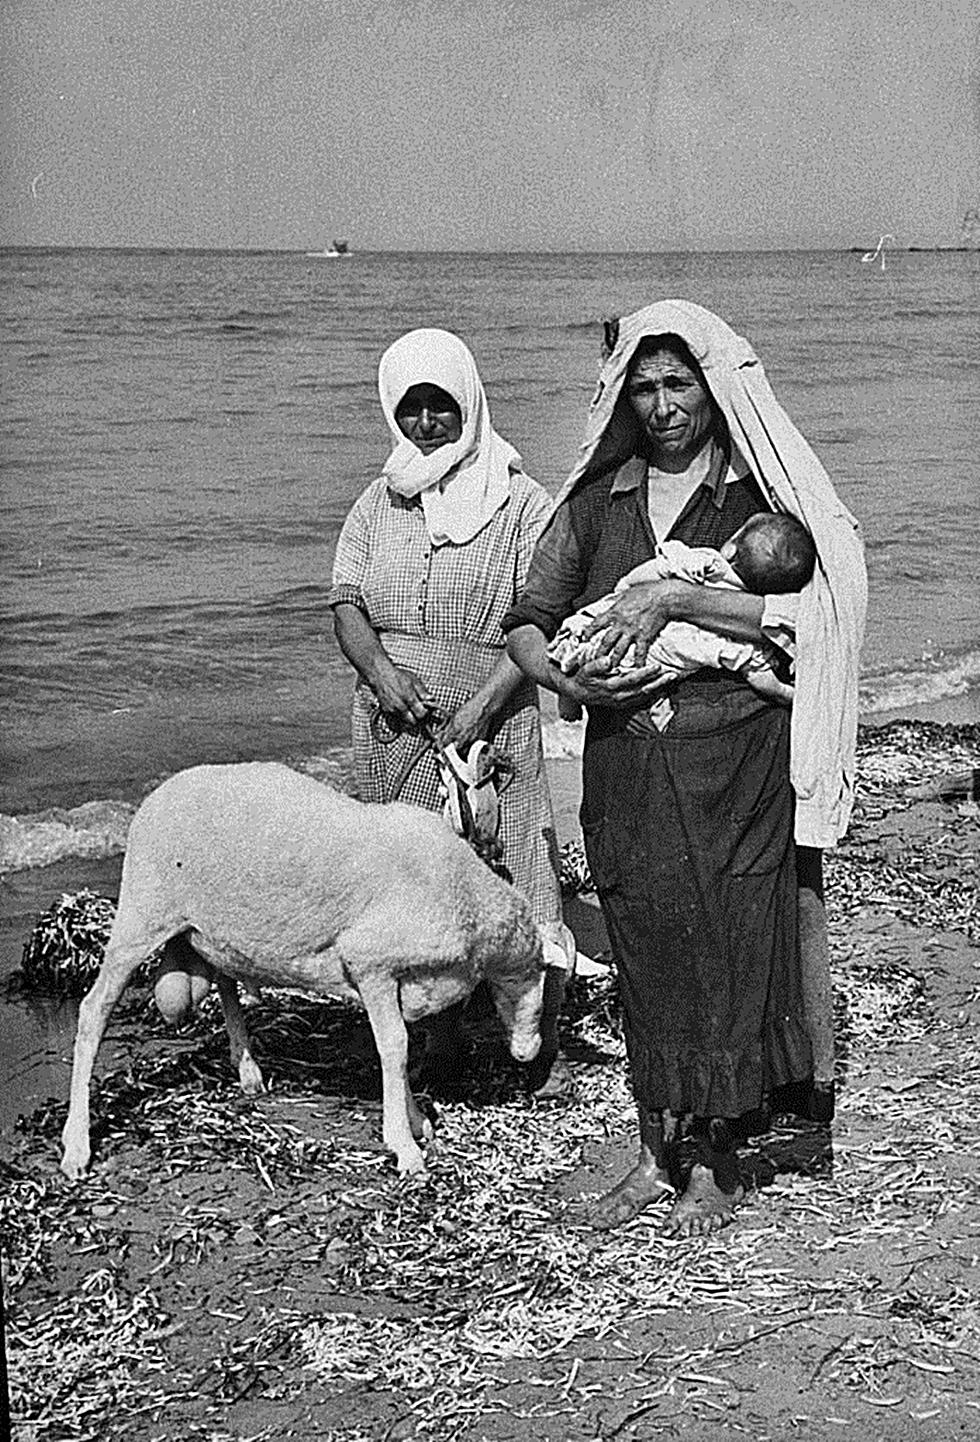 seismoi 1953 2 - 8 σπάνιες φωτογραφίες από τον σεισμό της 12ης Αυγούστου 1953 στη Ζάκυνθο